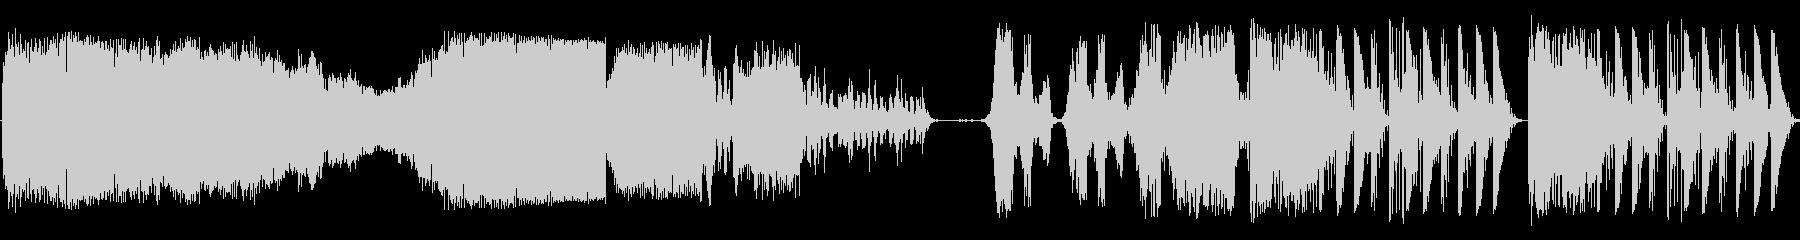 ランダムチューンSci Fiバンパーの未再生の波形